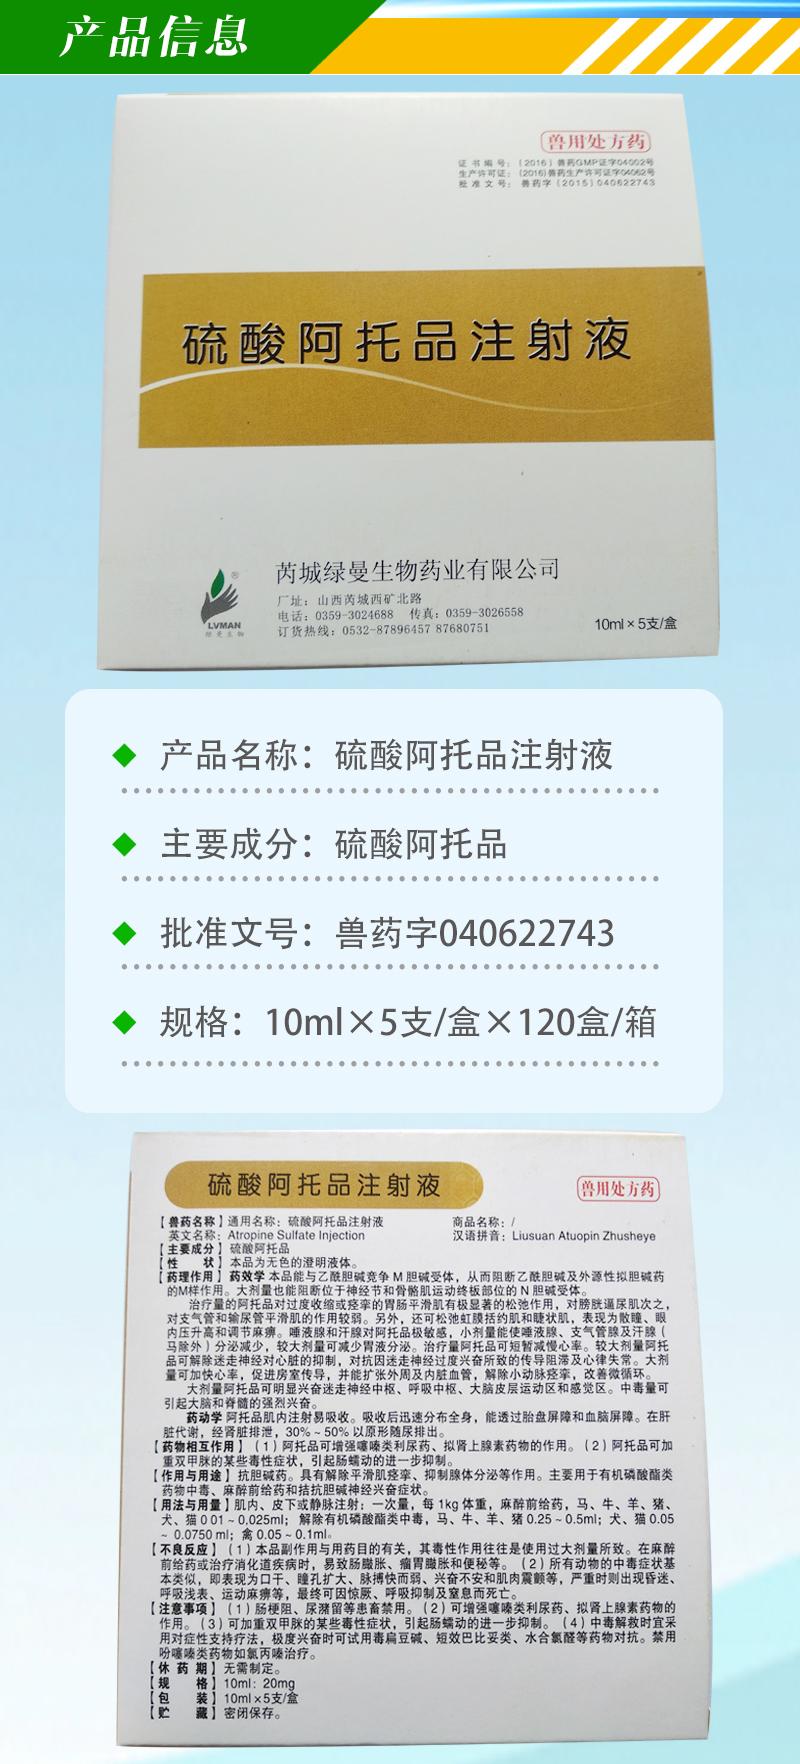 硫酸阿托品注射液_02.jpg